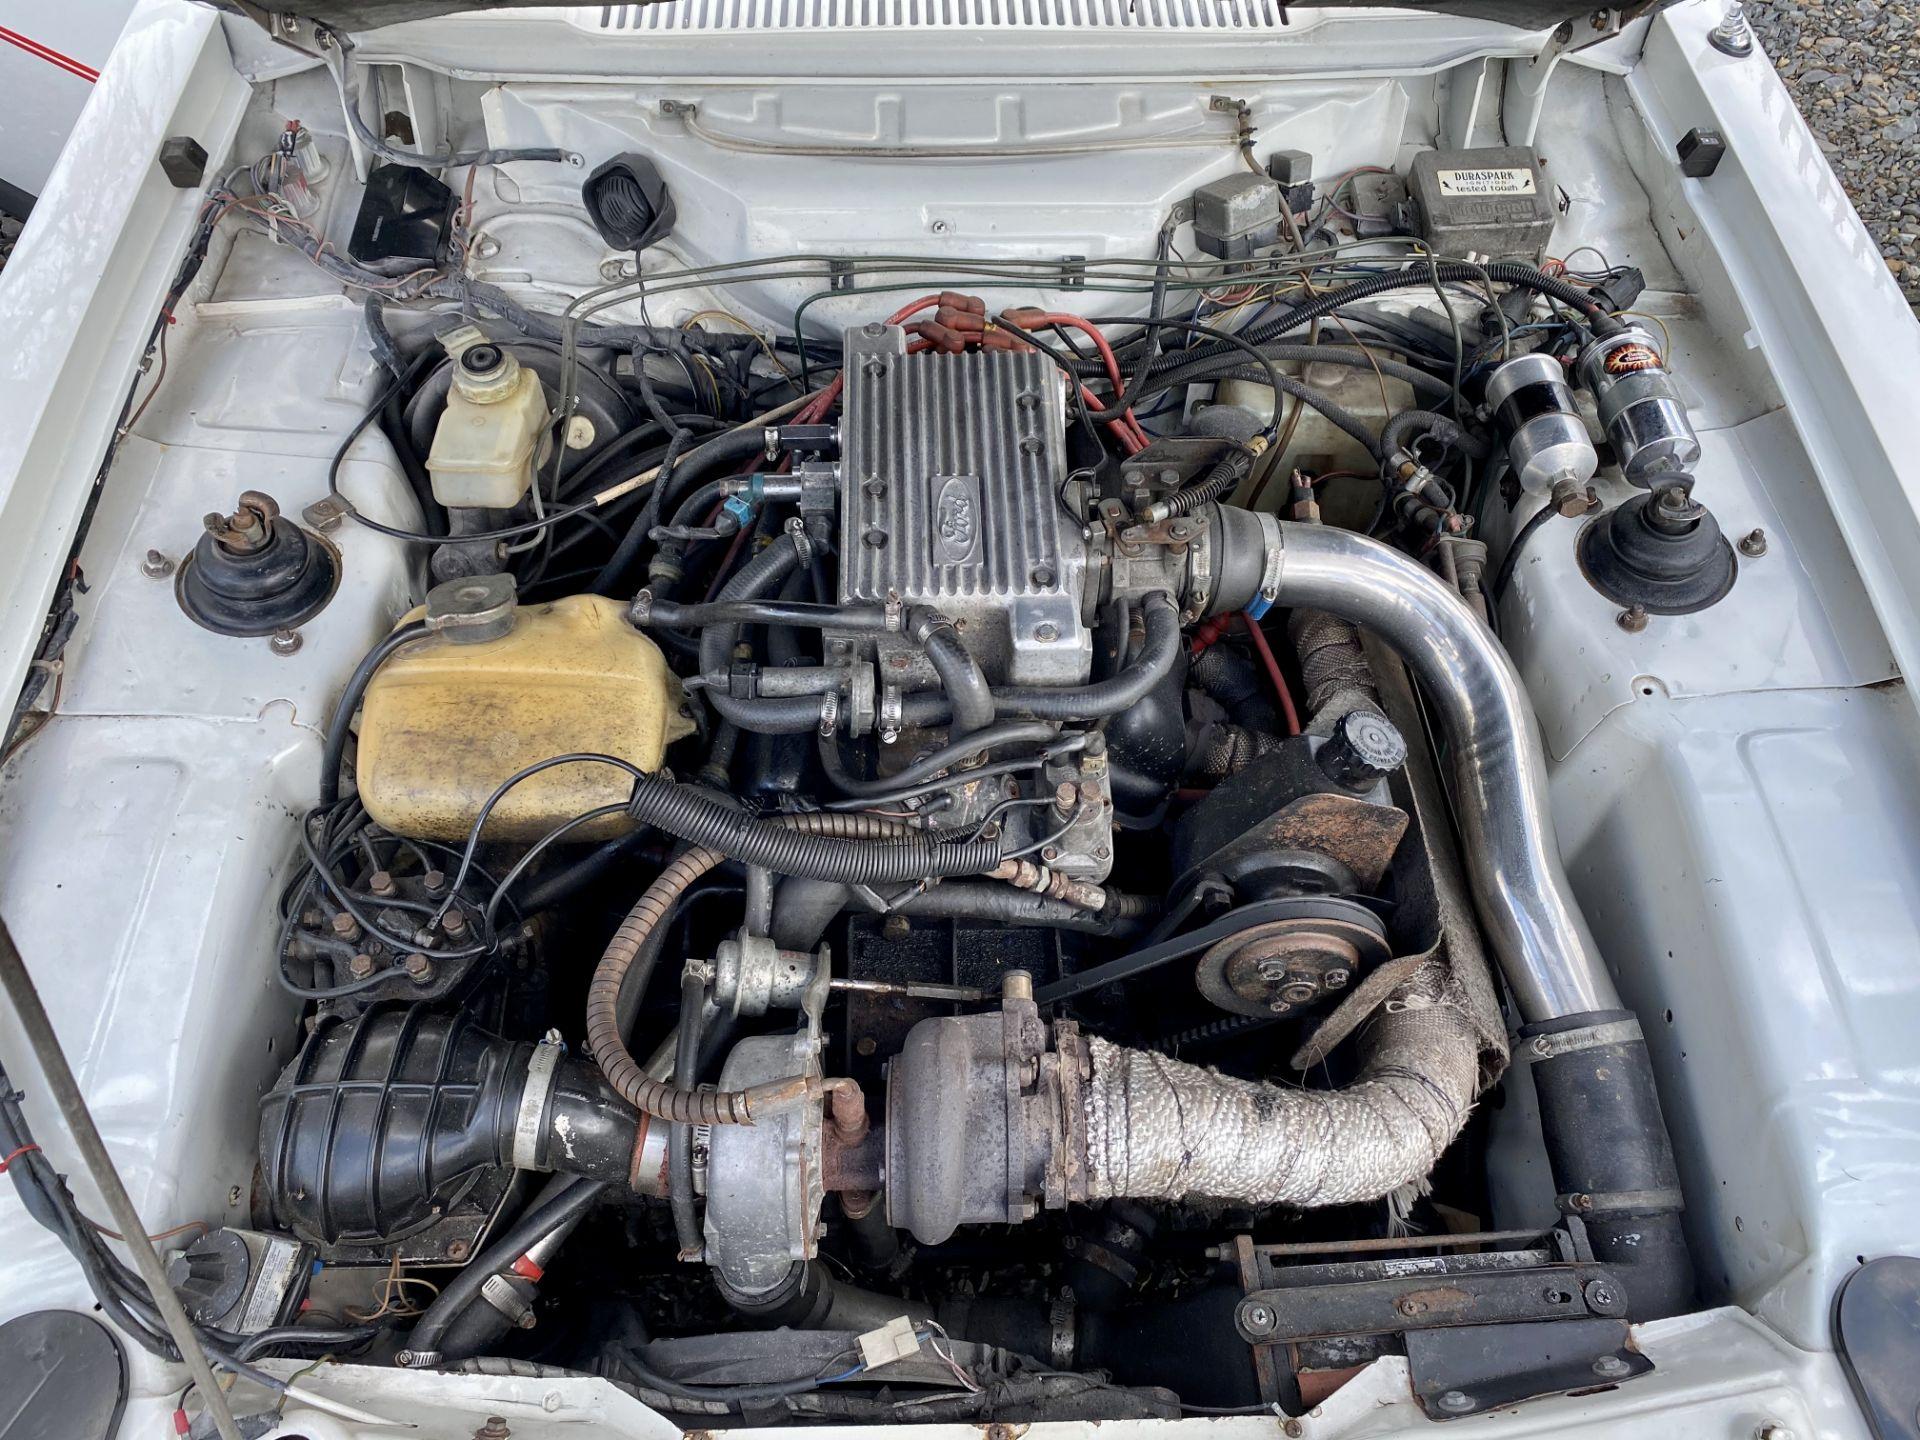 Ford Capri Tickford Turbo - Image 60 of 62